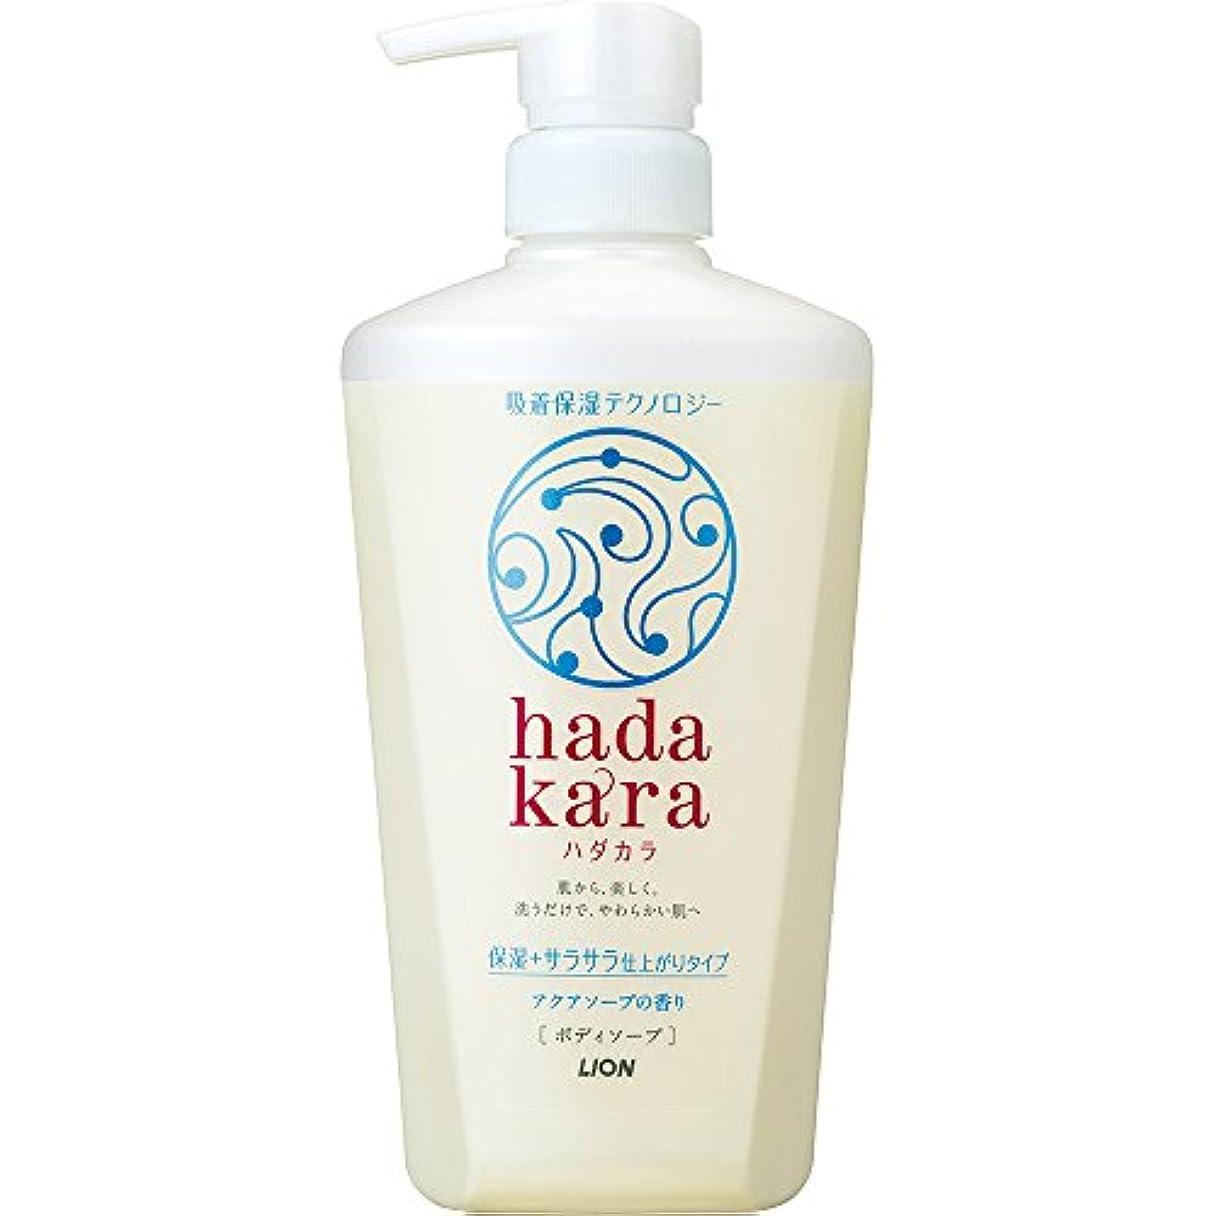 最愛の広告主努力hadakara(ハダカラ) ボディソープ 保湿+サラサラ仕上がりタイプ アクアソープの香り 本体 480ml